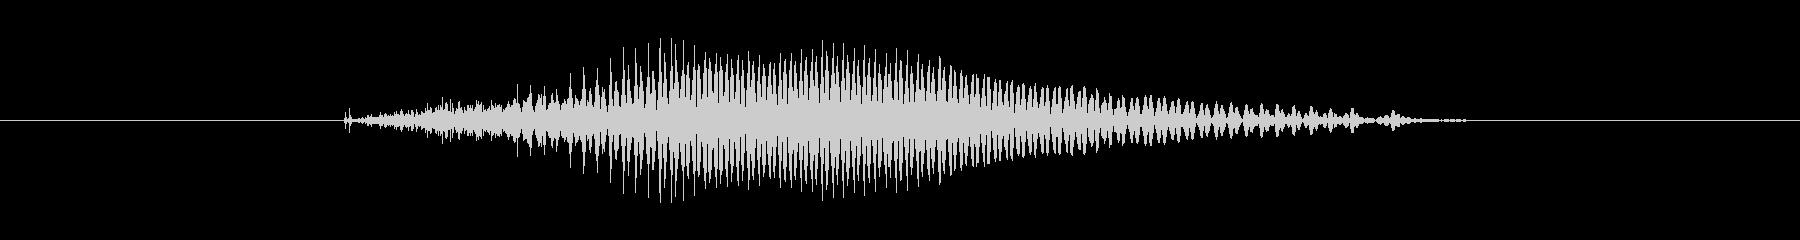 10(10、じゅう)の未再生の波形